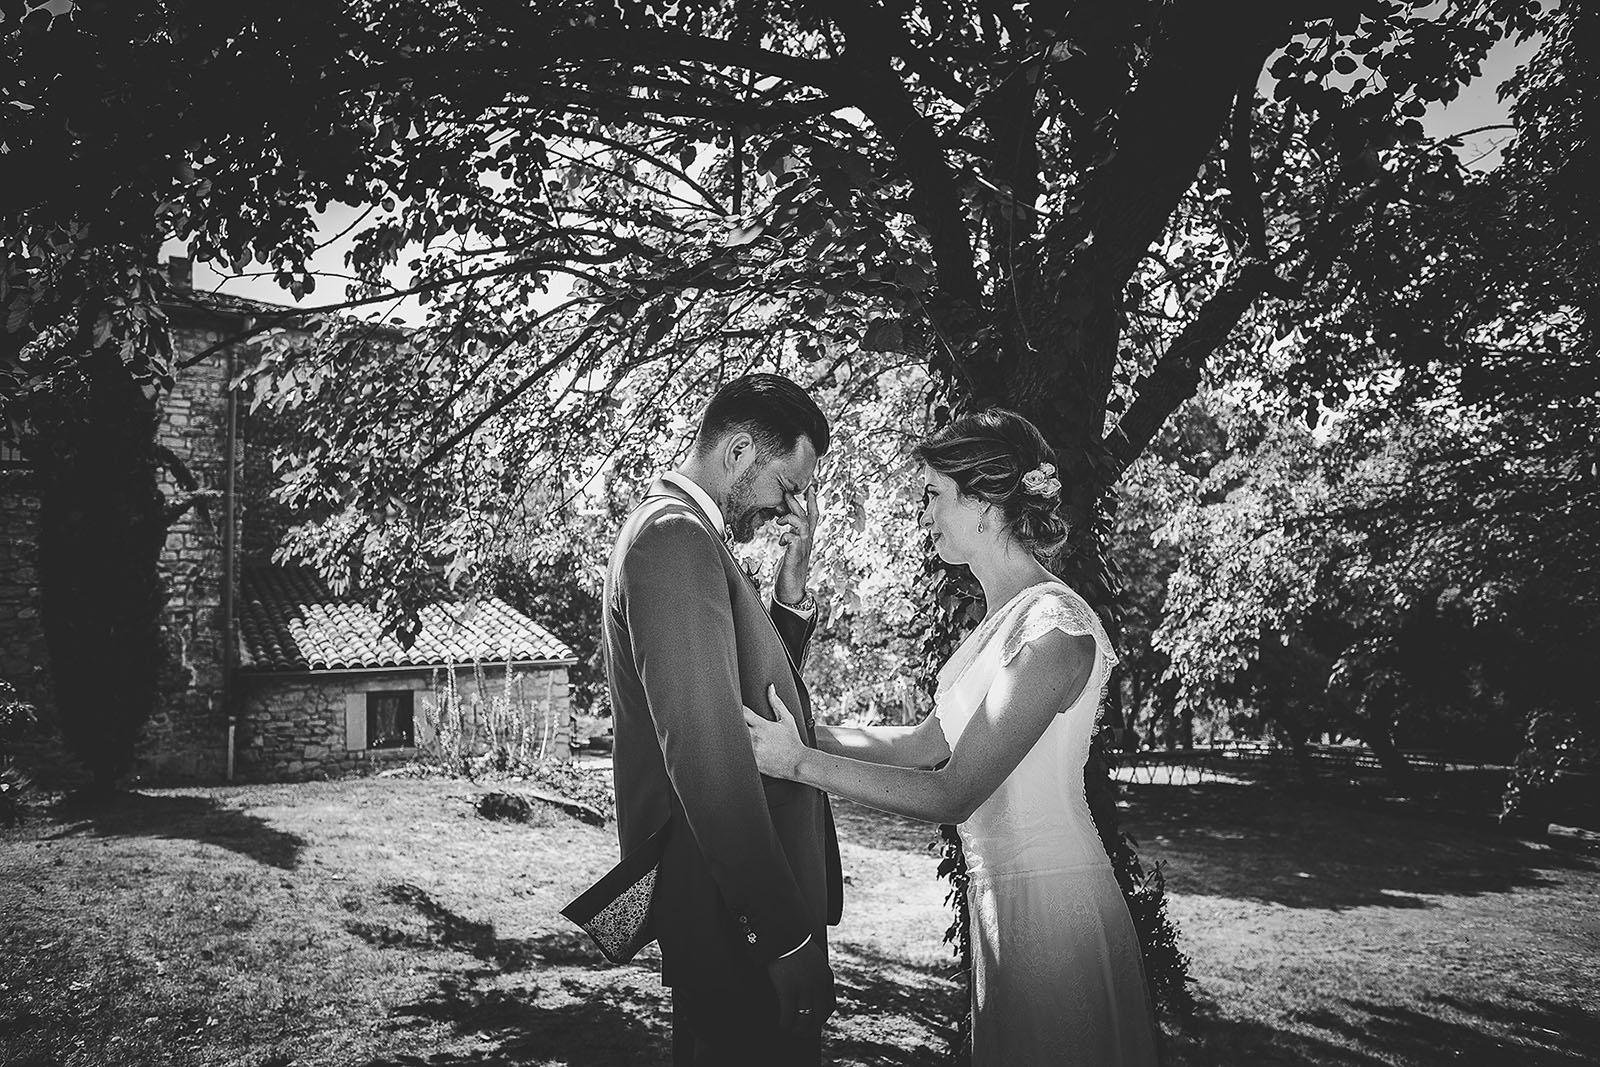 Mariage au Comptoir Saint Hilaire. Grande émotion du marié quand il découvre sa future femme avec sa robe